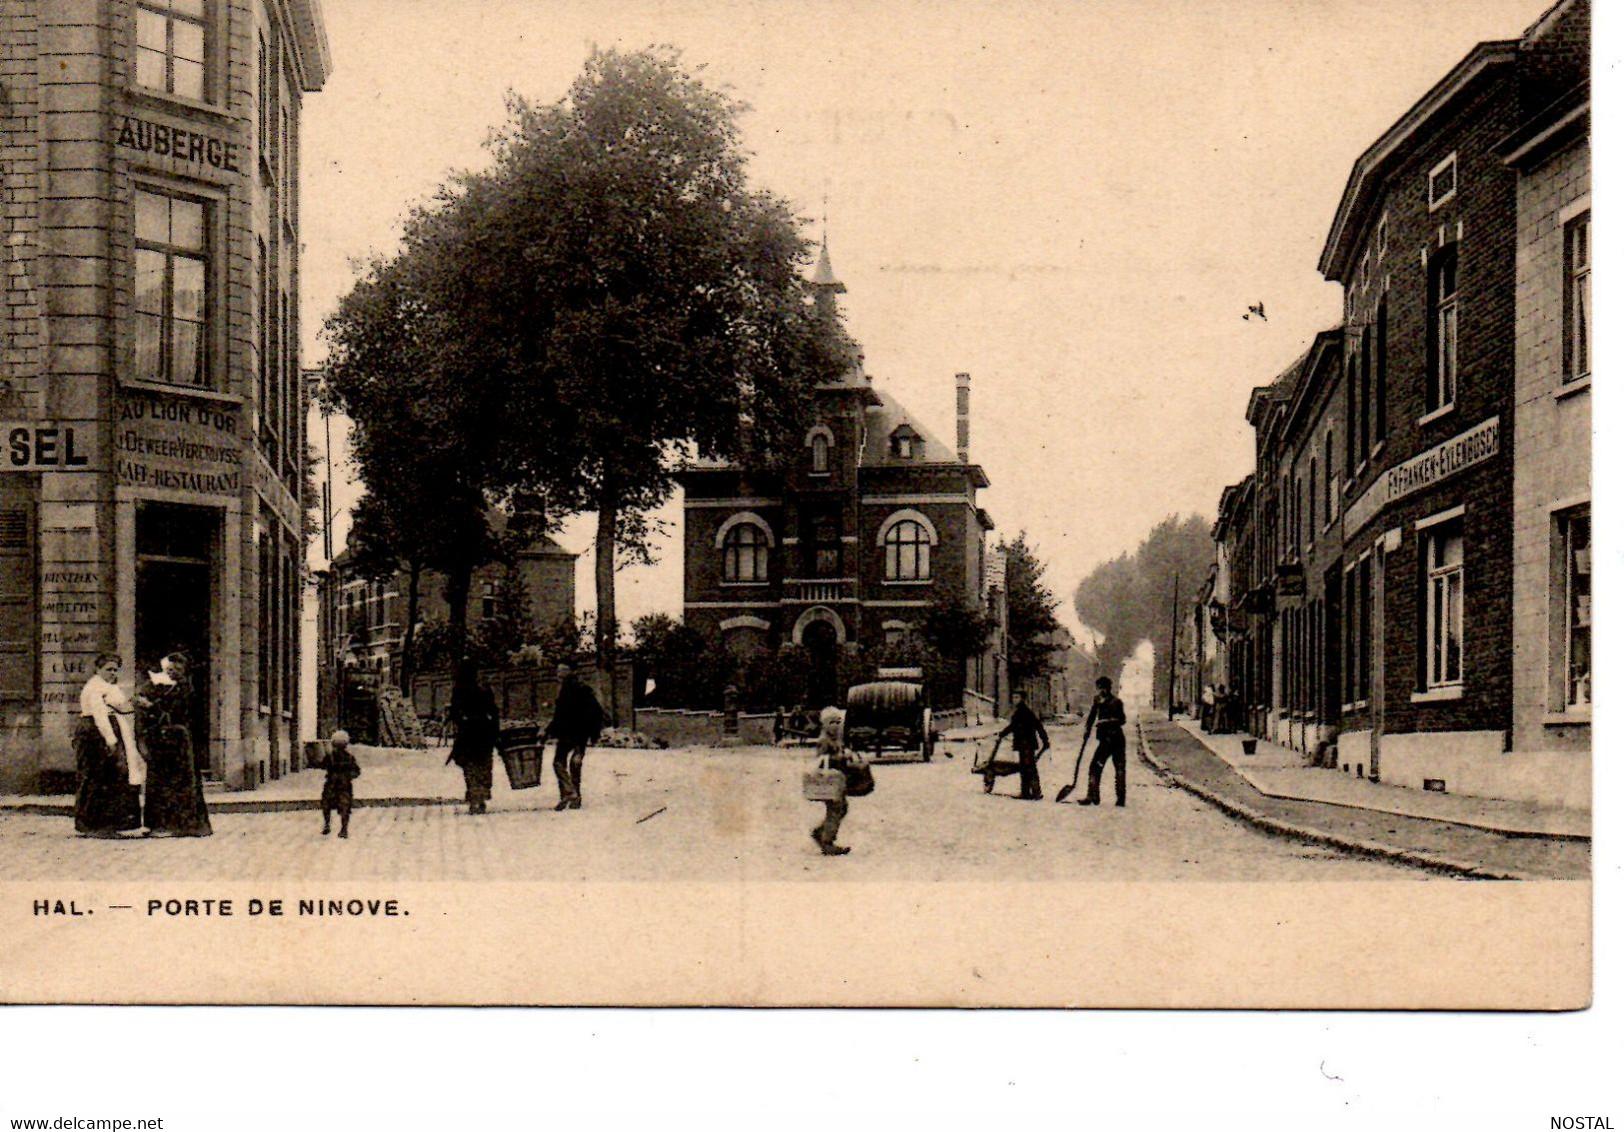 J 18. Hal: Porte De Ninove - Halle